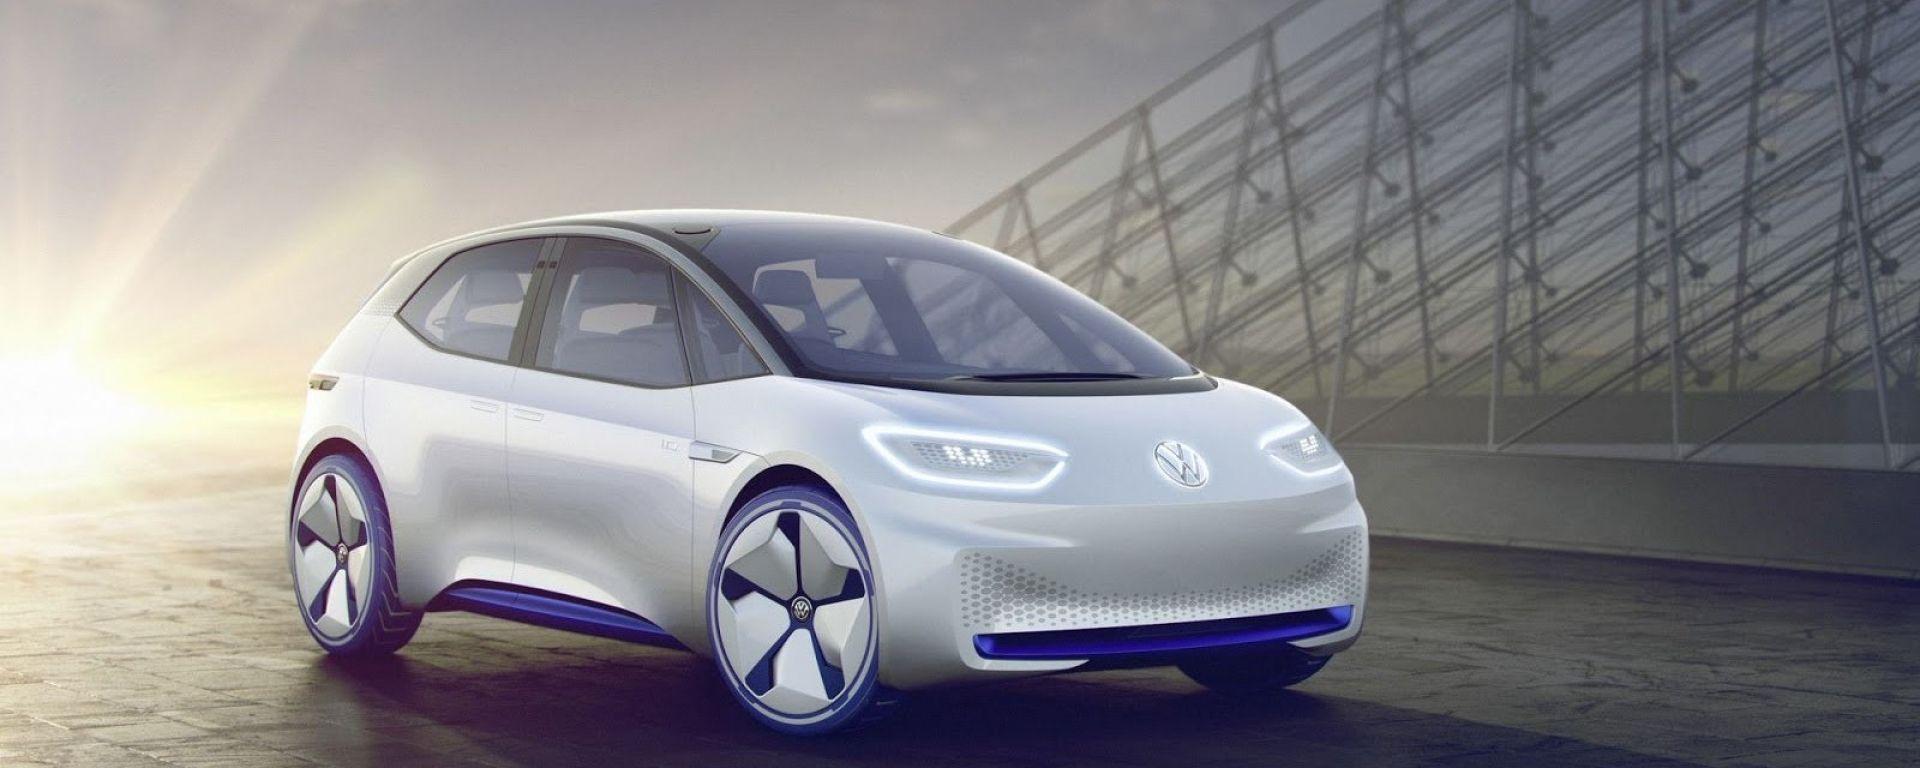 Volkswagen: le elettriche ID avranno lo stesso prezzo del diesel